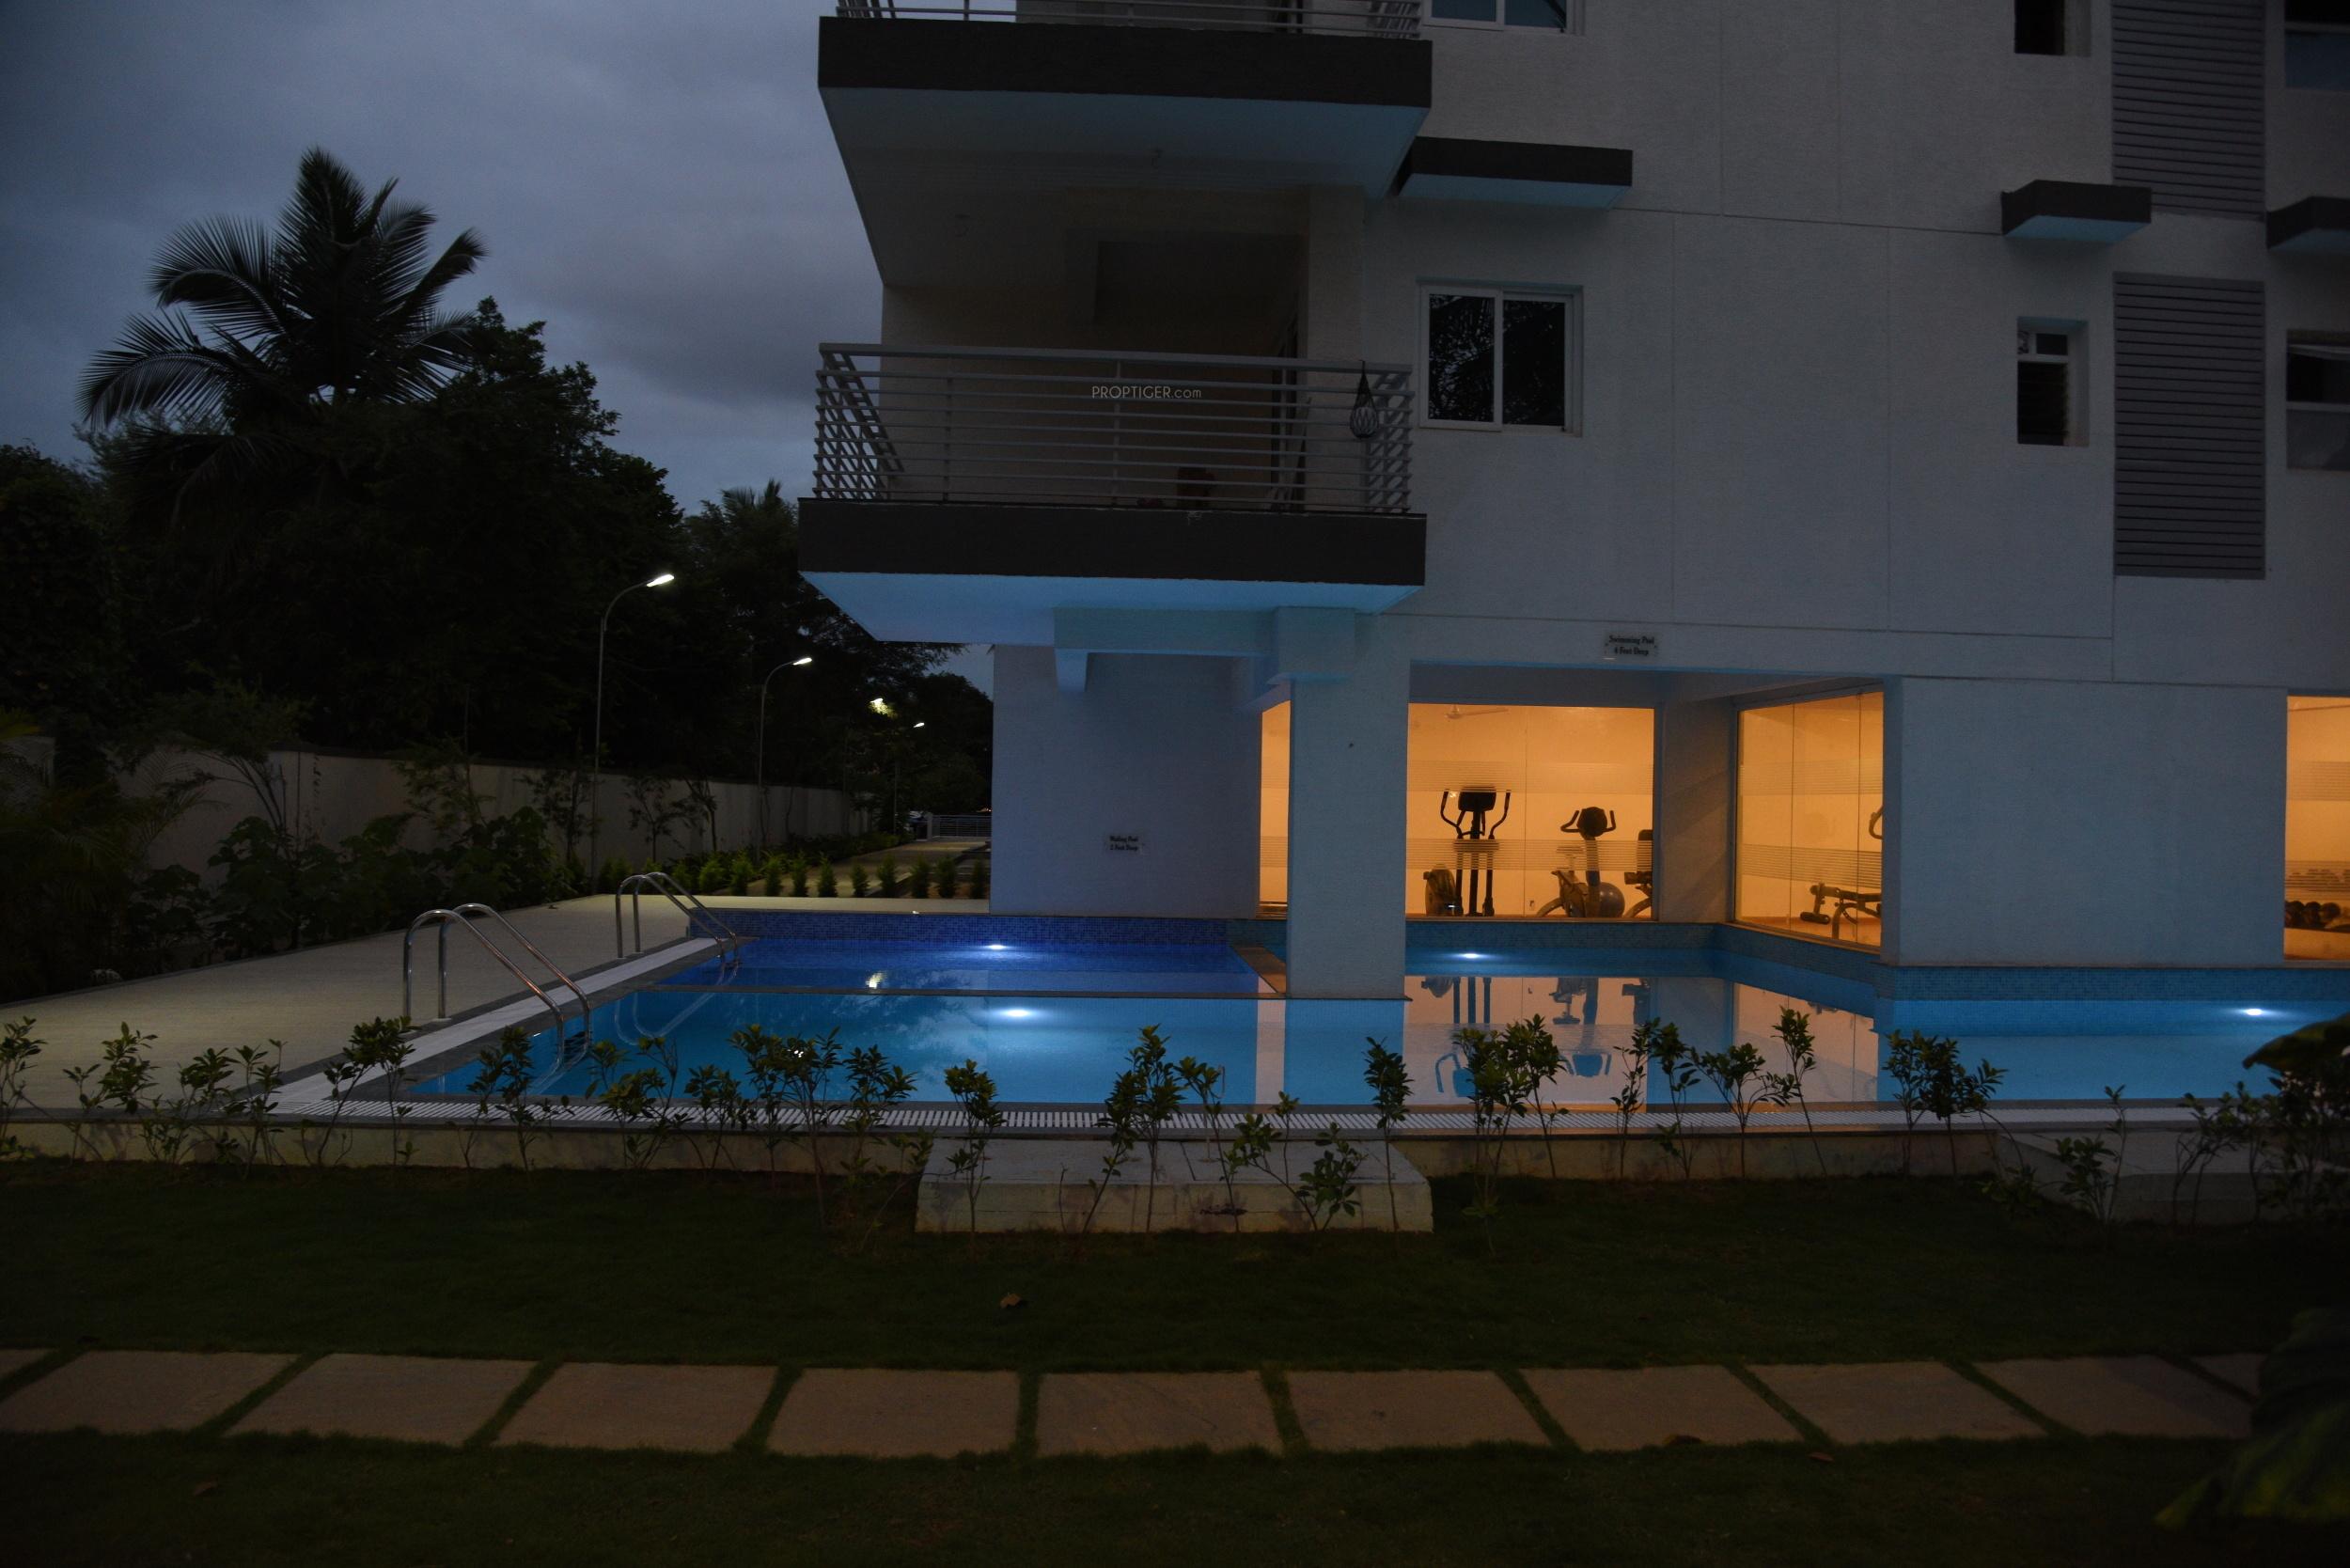 Mahalakshmi in sahakar nagar bangalore price location map floor plan reviews for Swimming pool near sahakar nagar bangalore